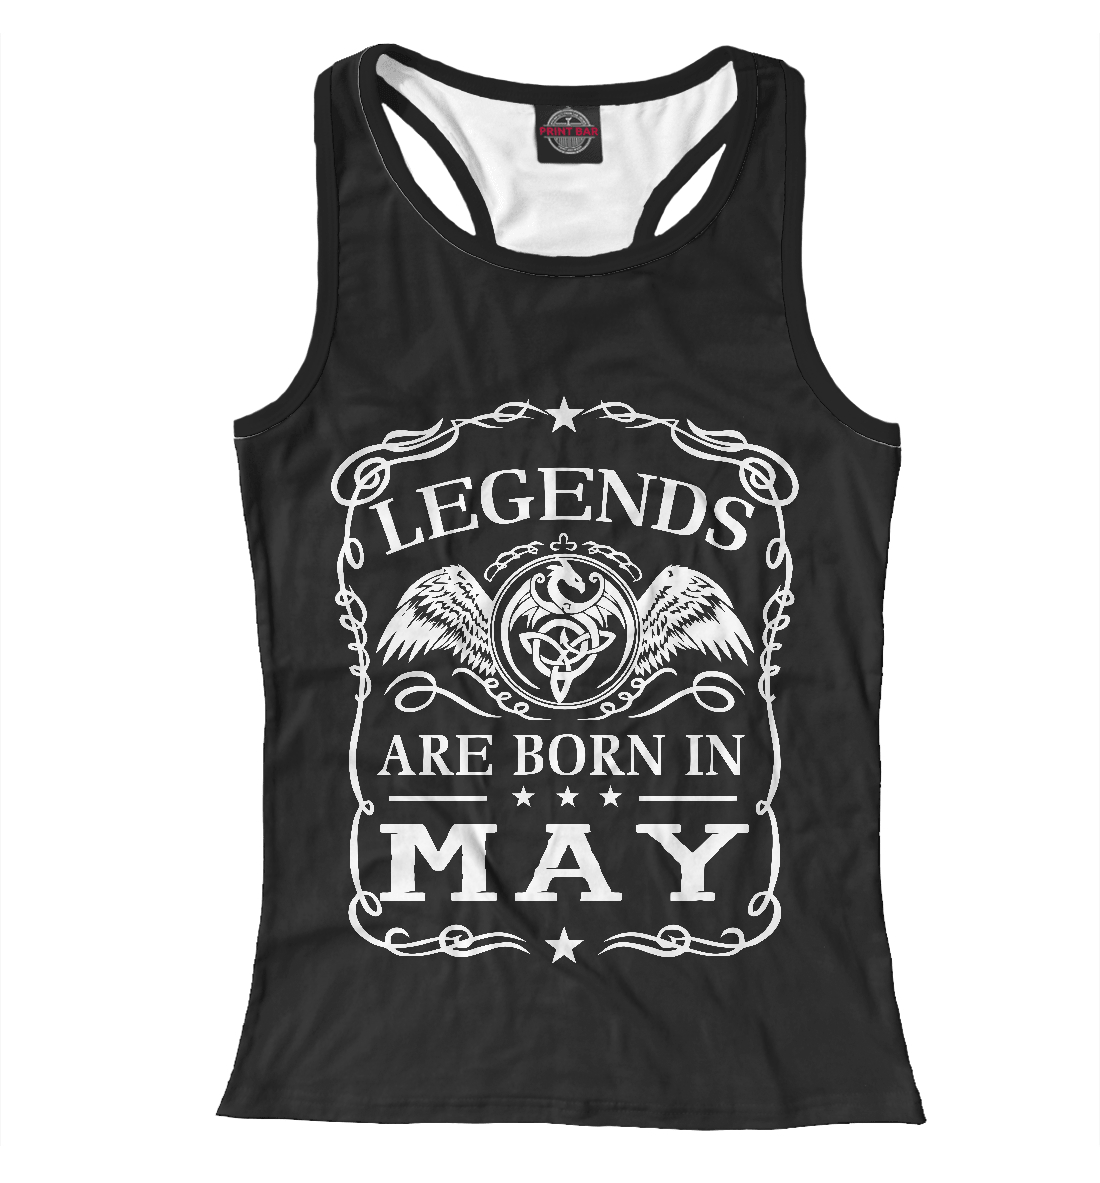 Легенды рождаются в мае, Printbar, Майки борцовки, RZP-551307-mayb-1  - купить со скидкой